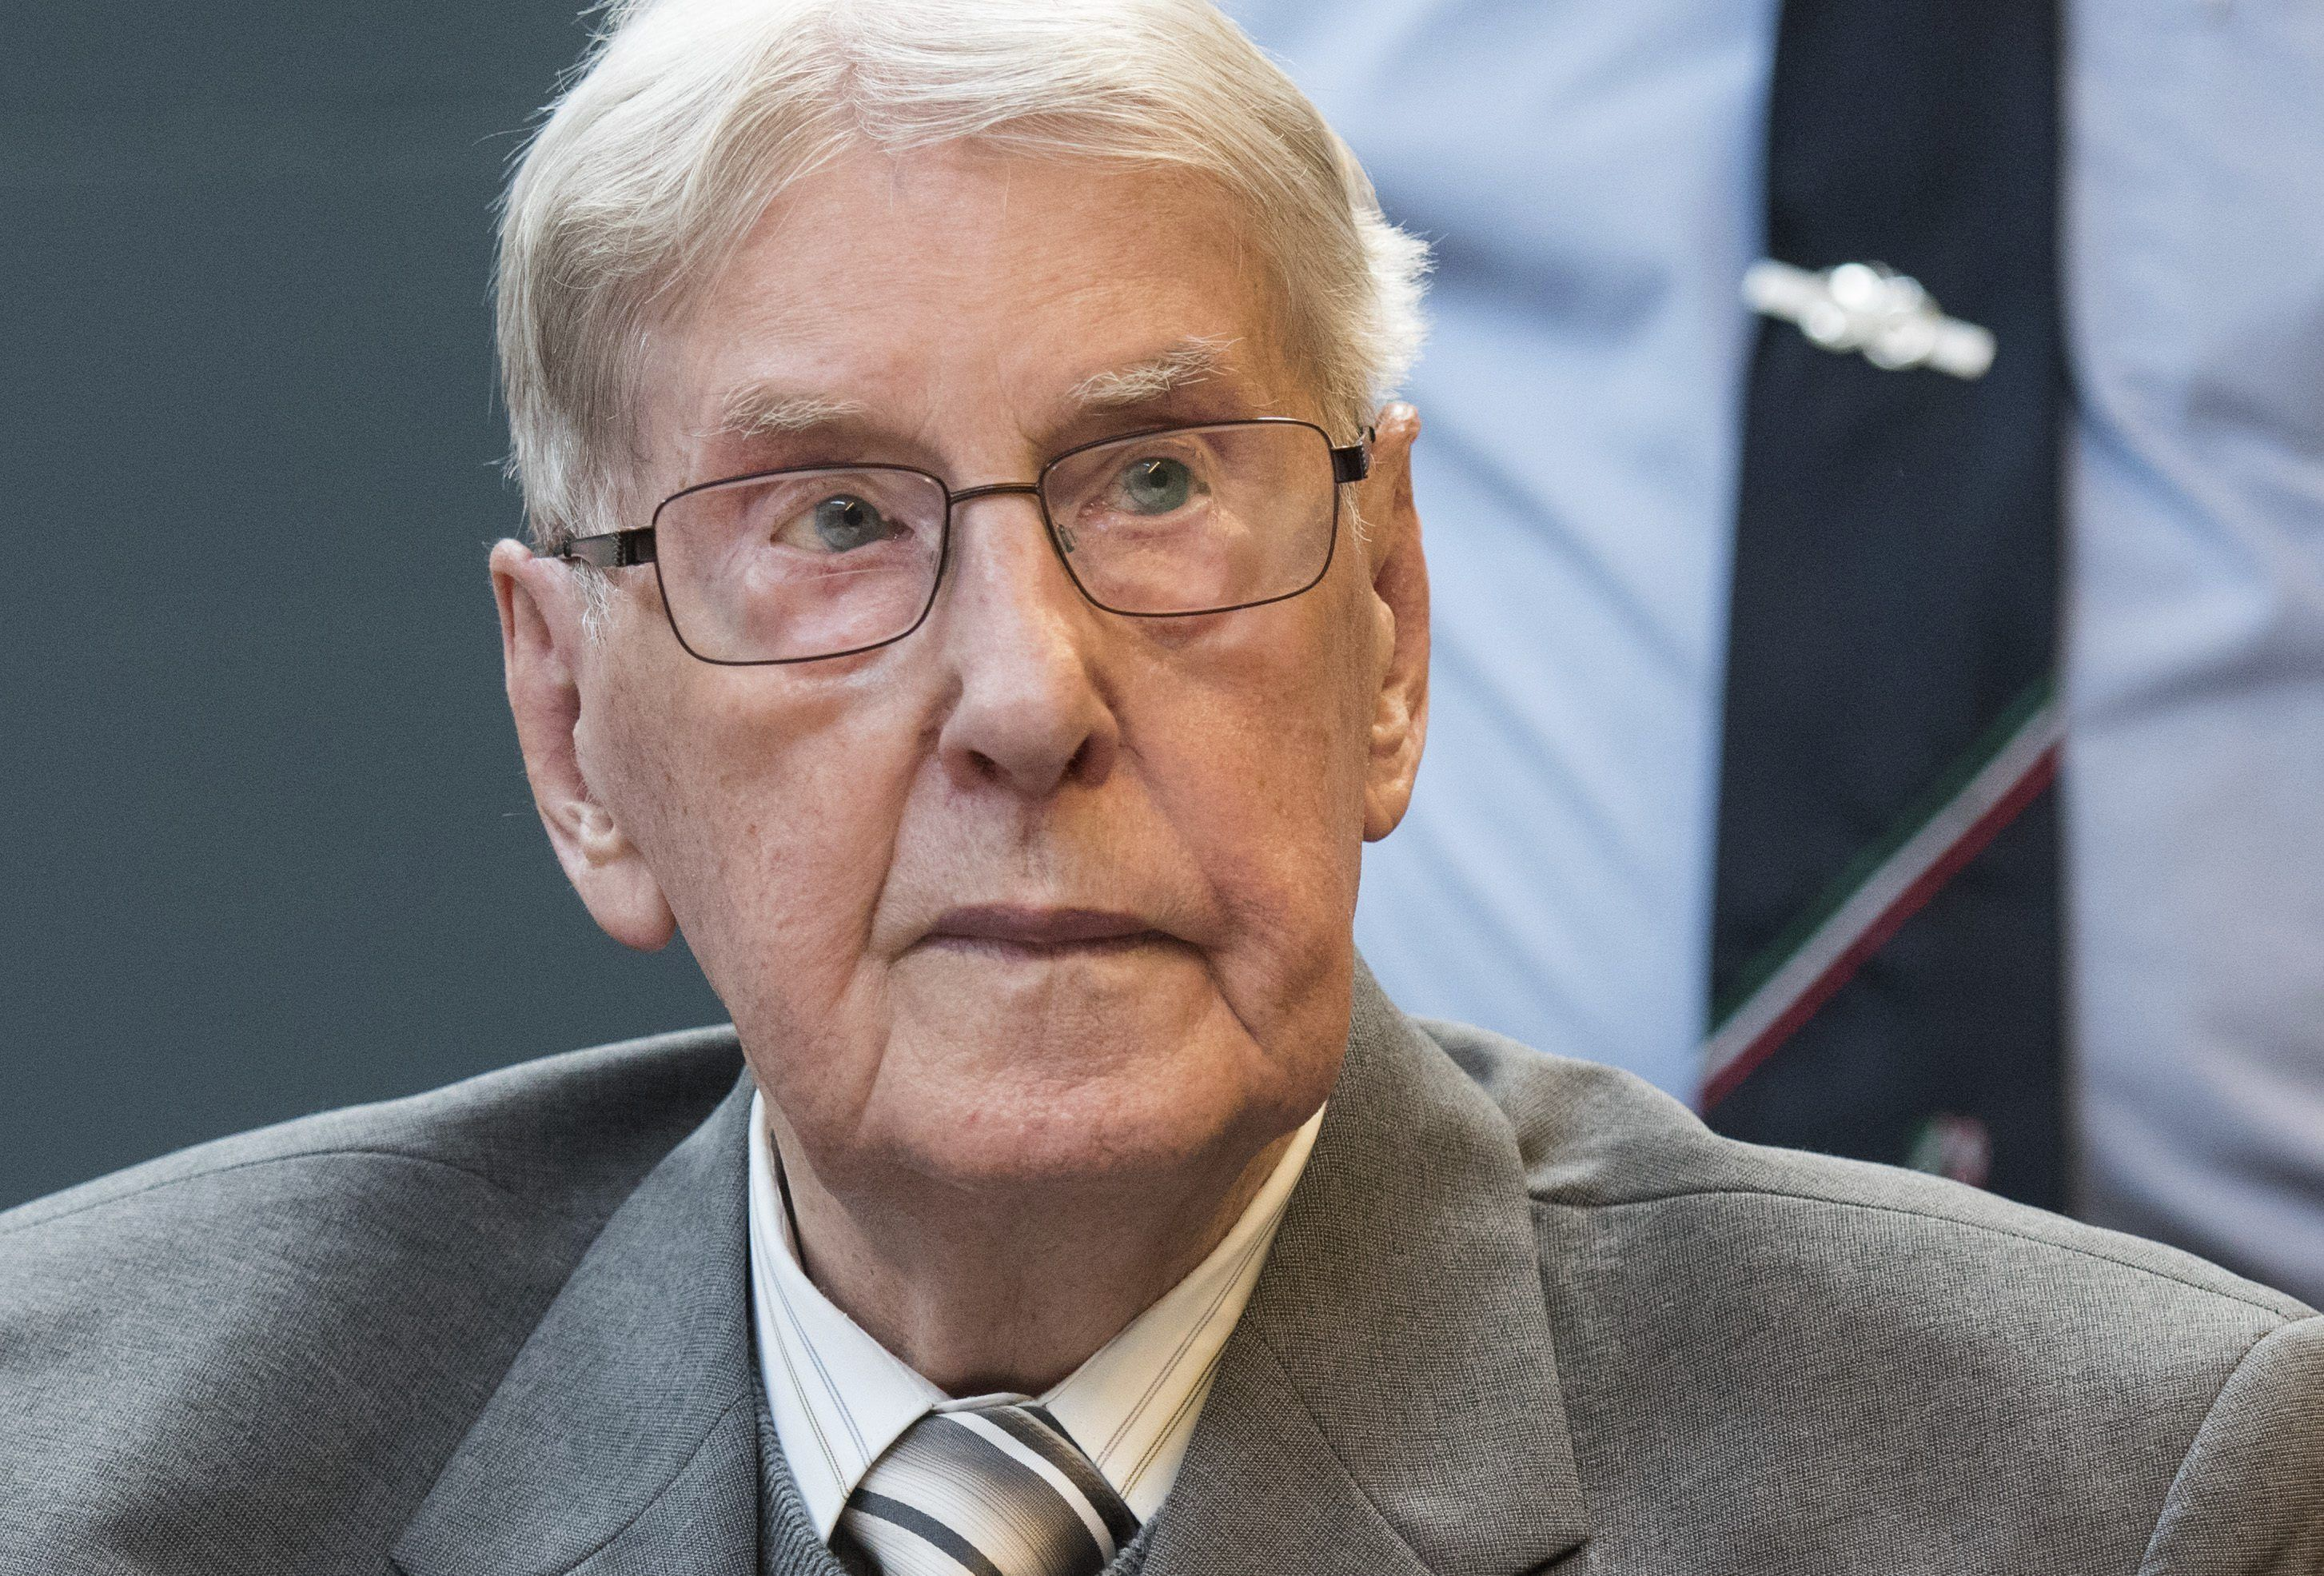 Condenan a cinco años de cárcel a un ex guardia de Auschwitz